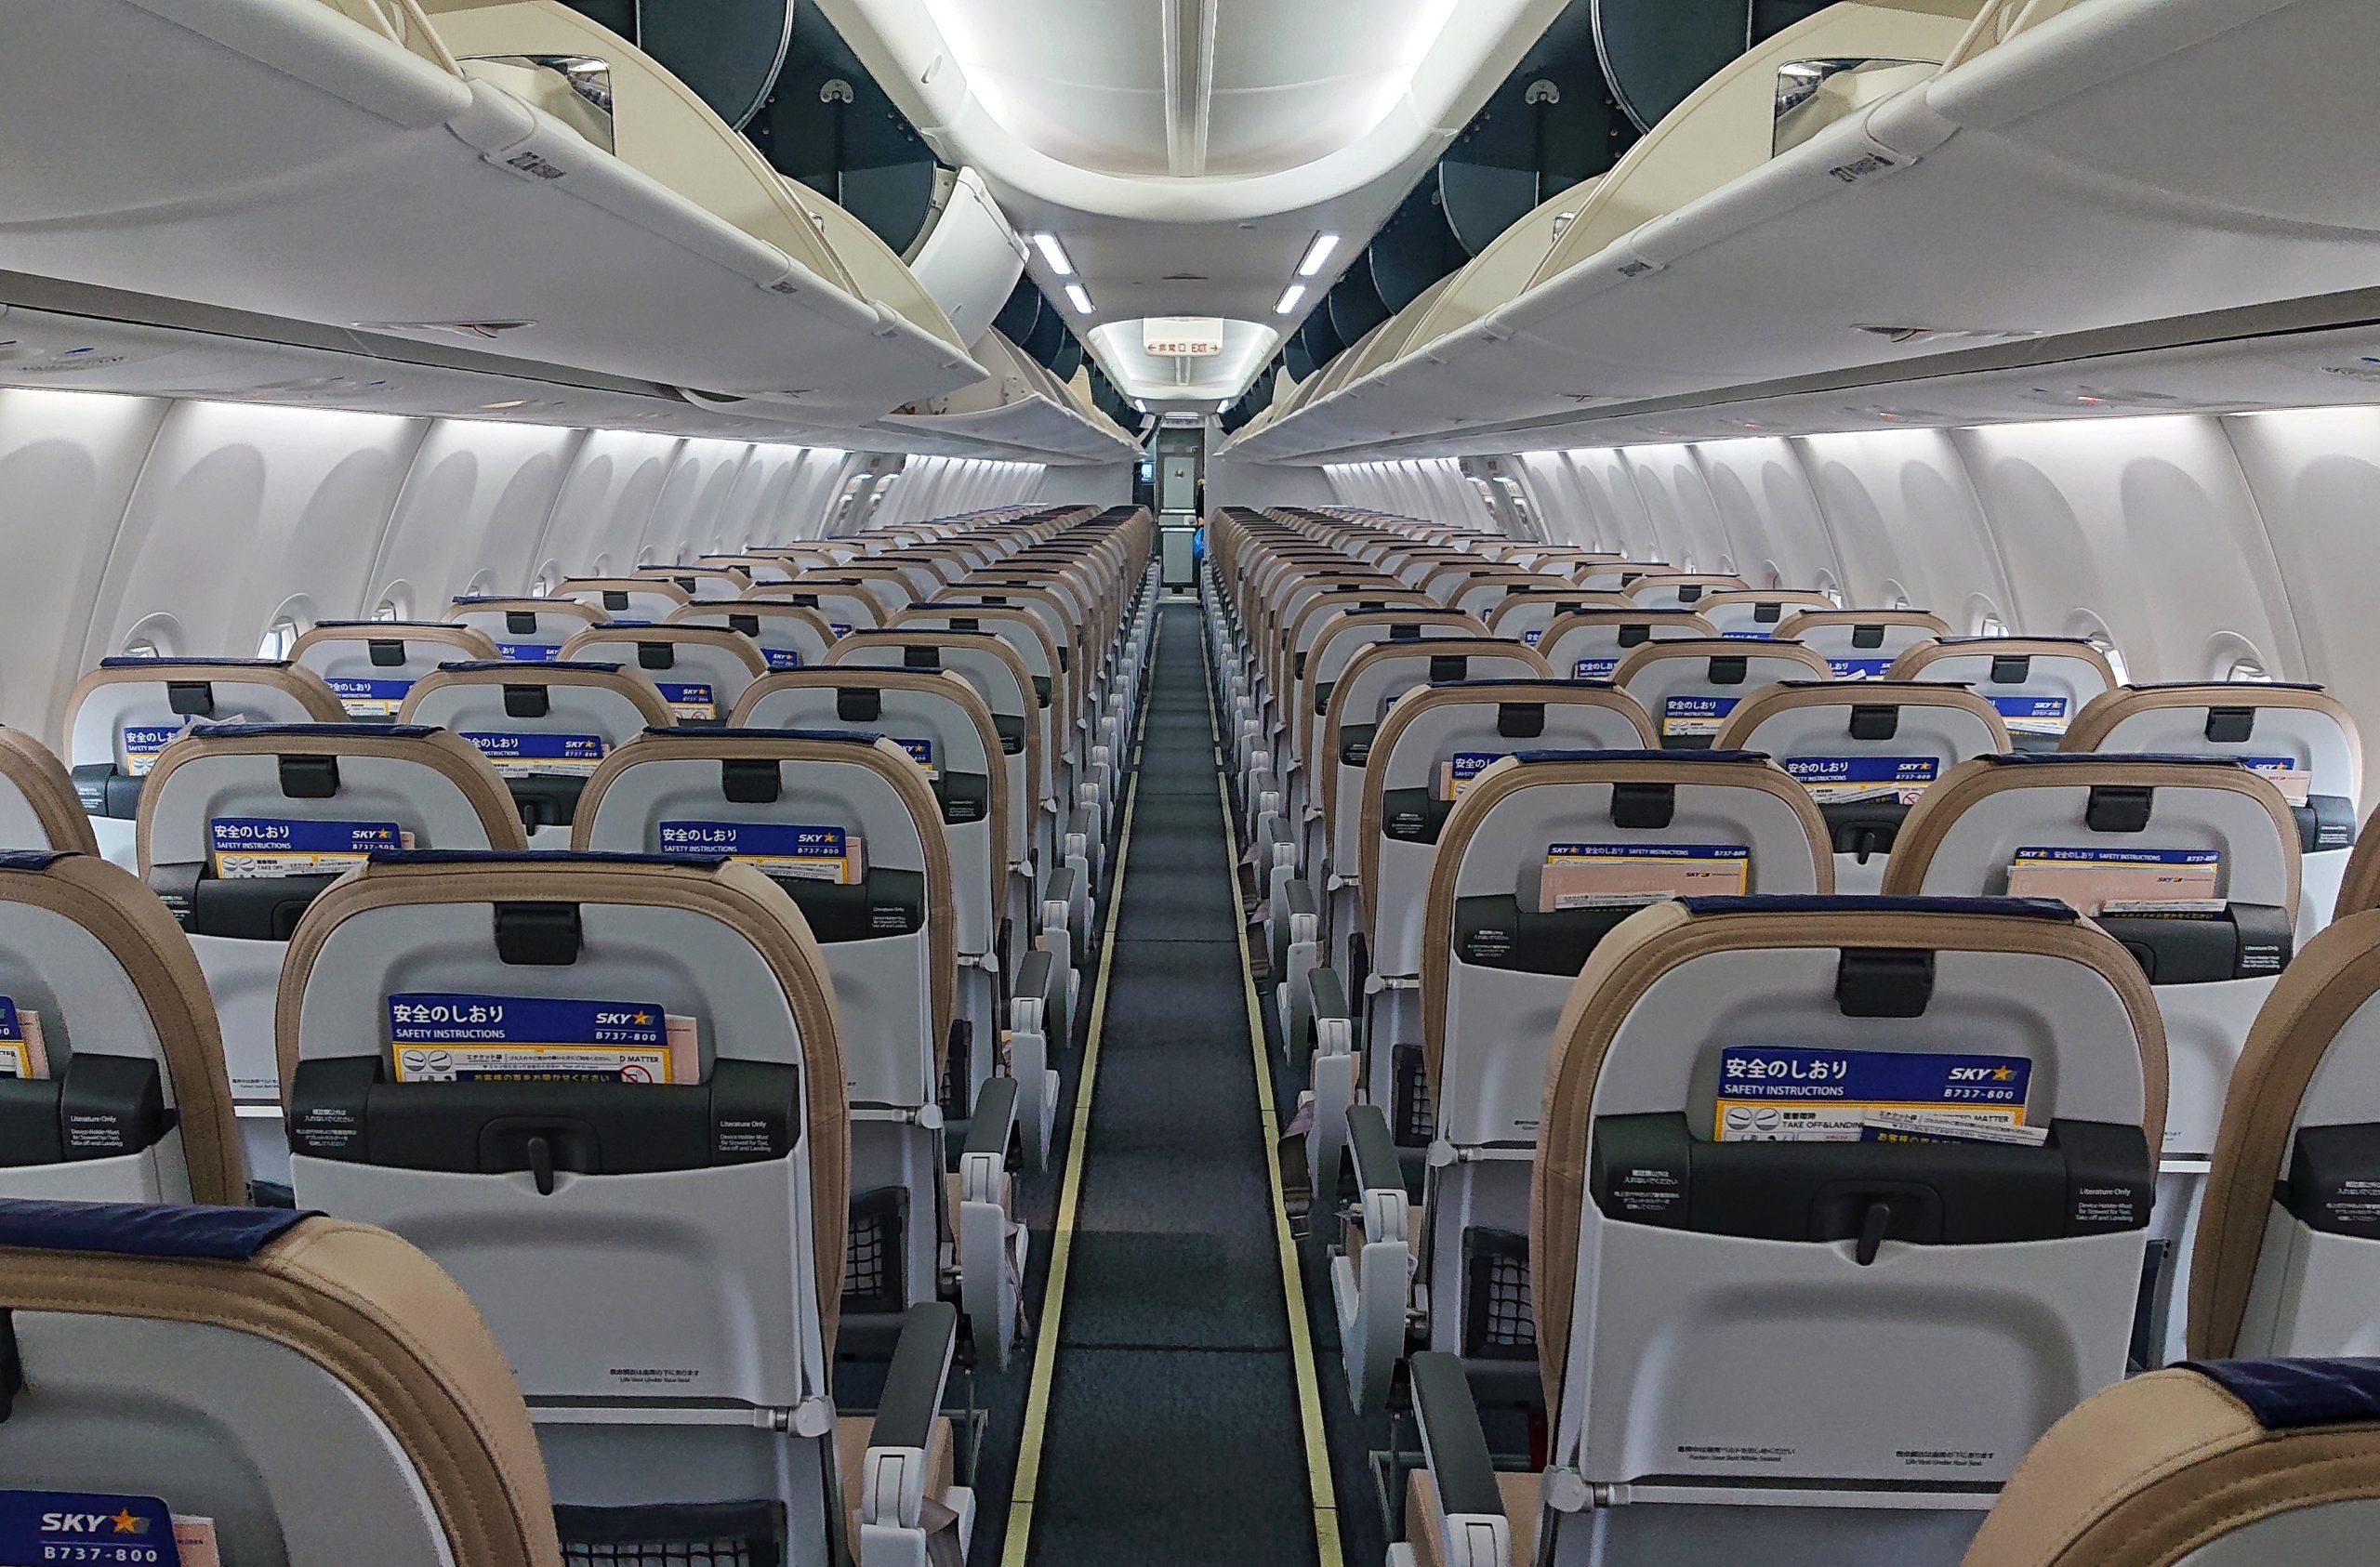 【旅の技術】飛行機の座席は右側?左側? 飛行経路図をまず確認